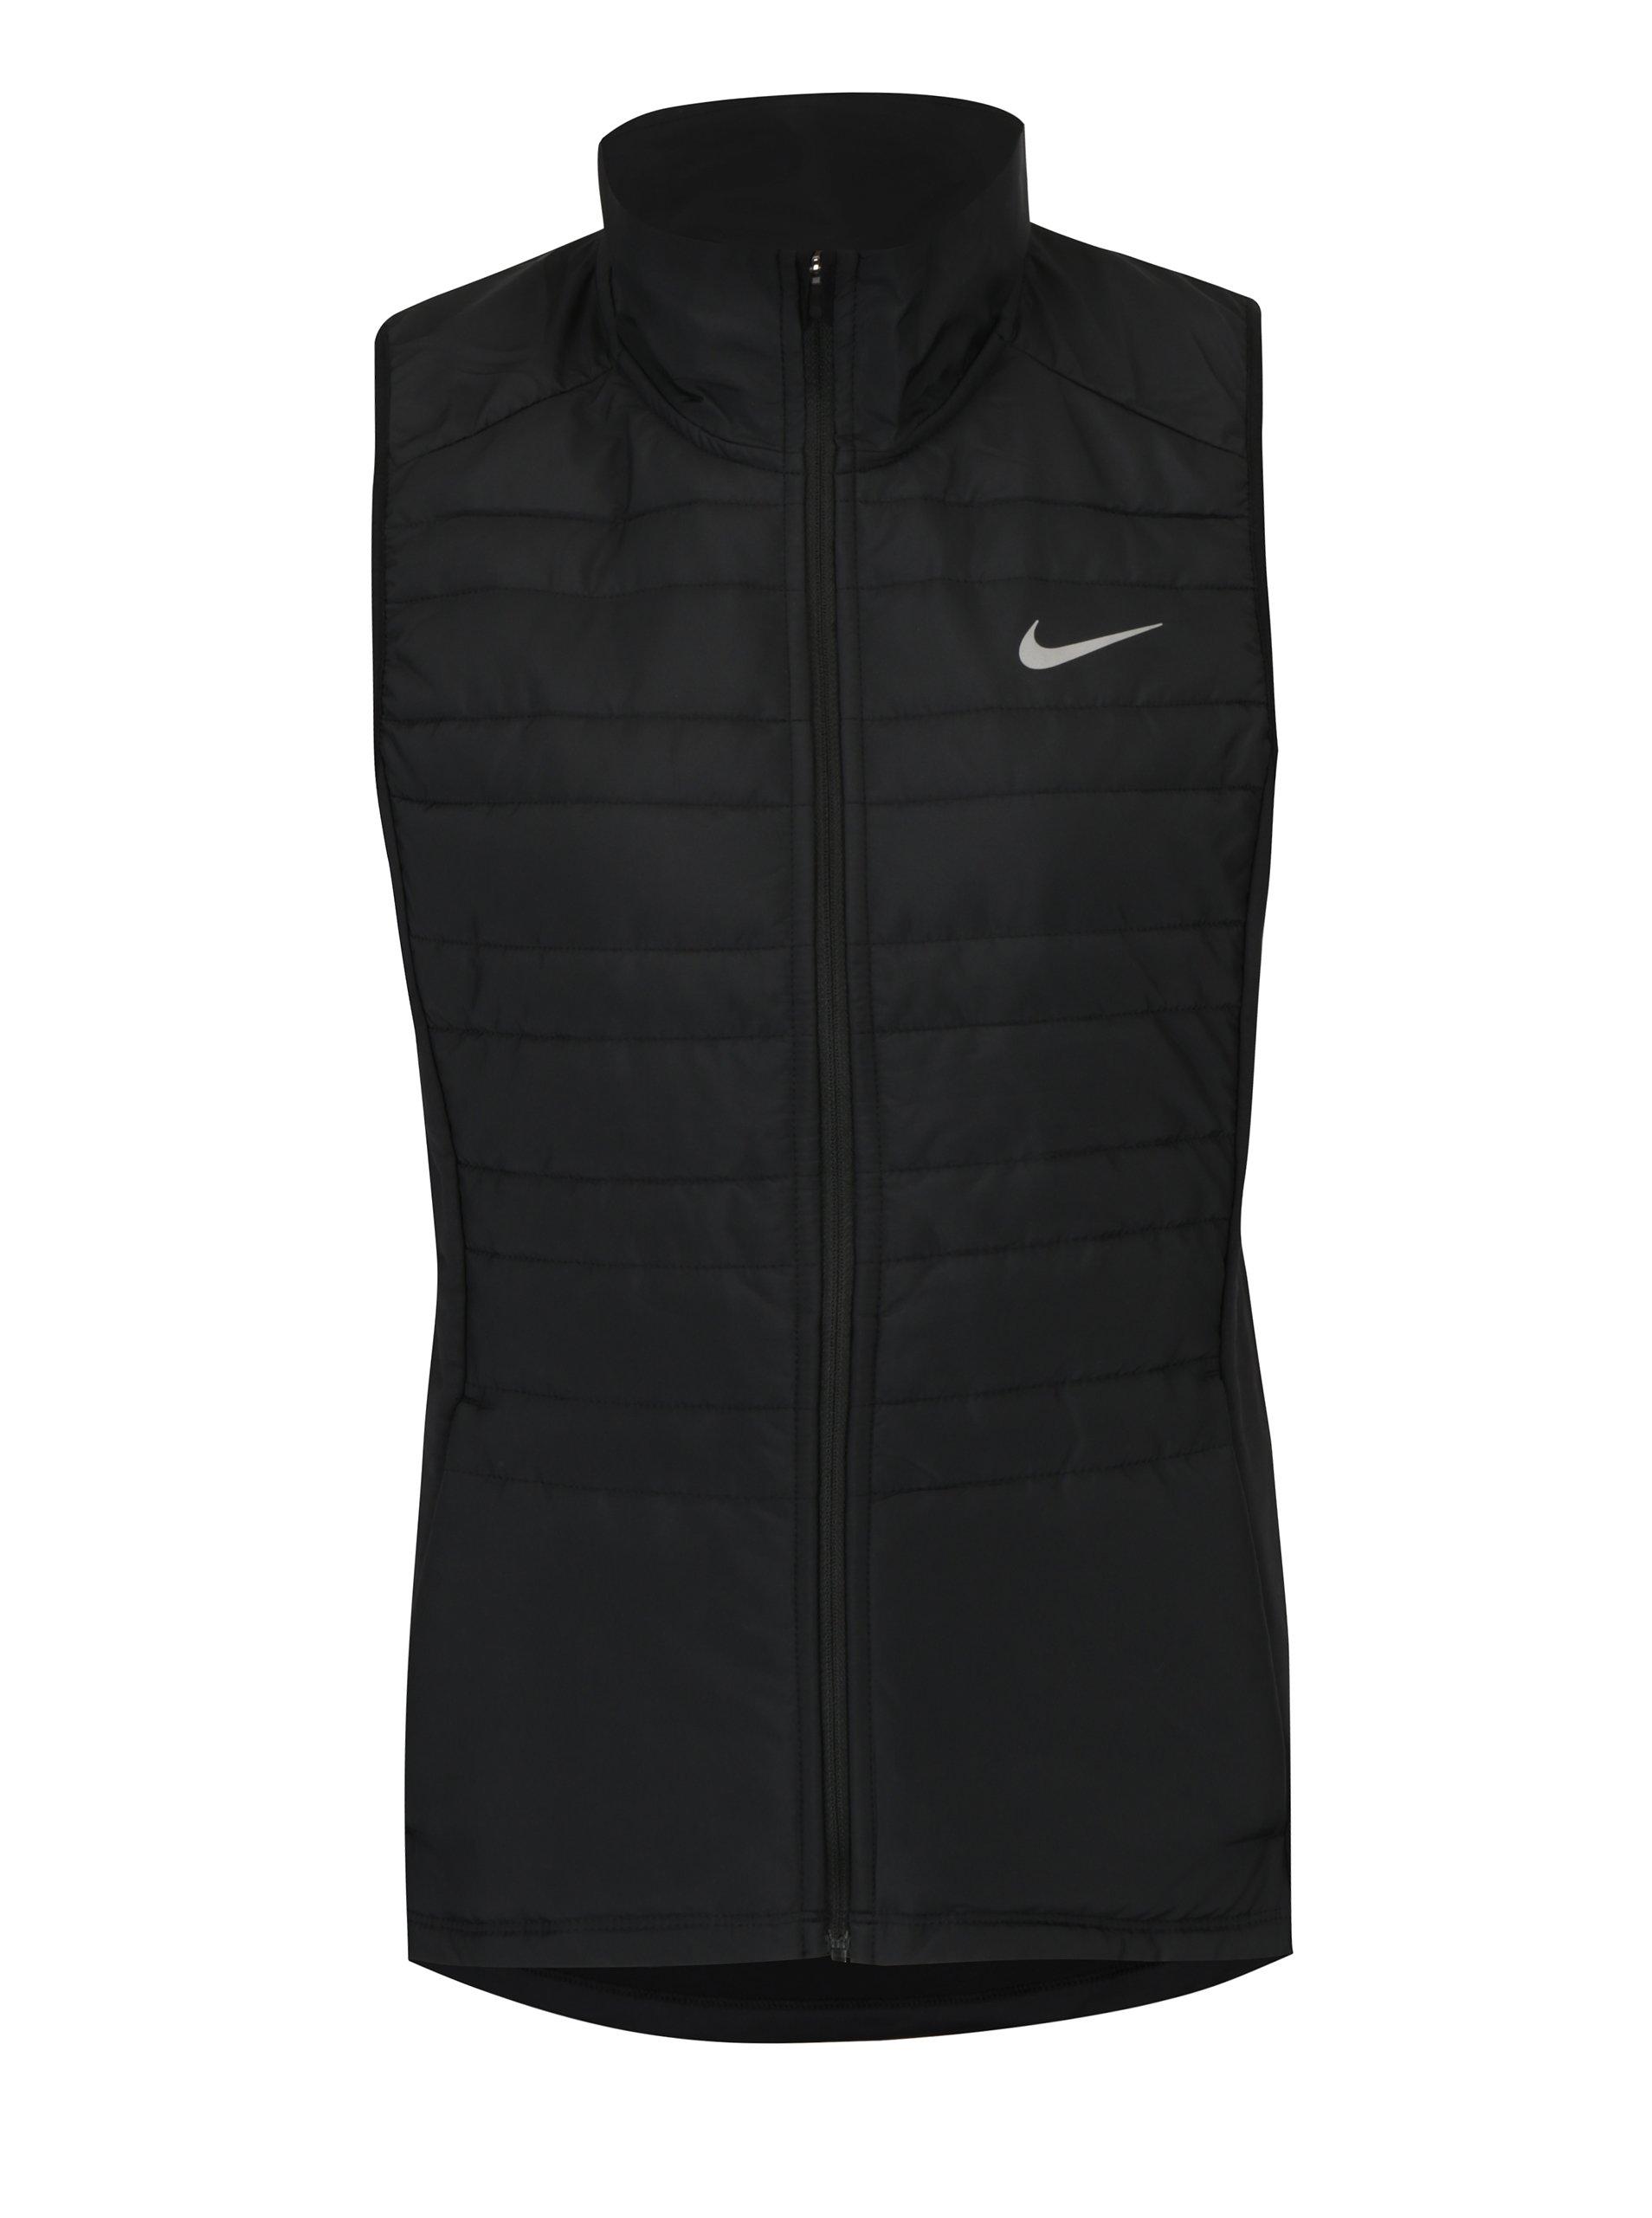 Černá dámská funkční vesta Nike